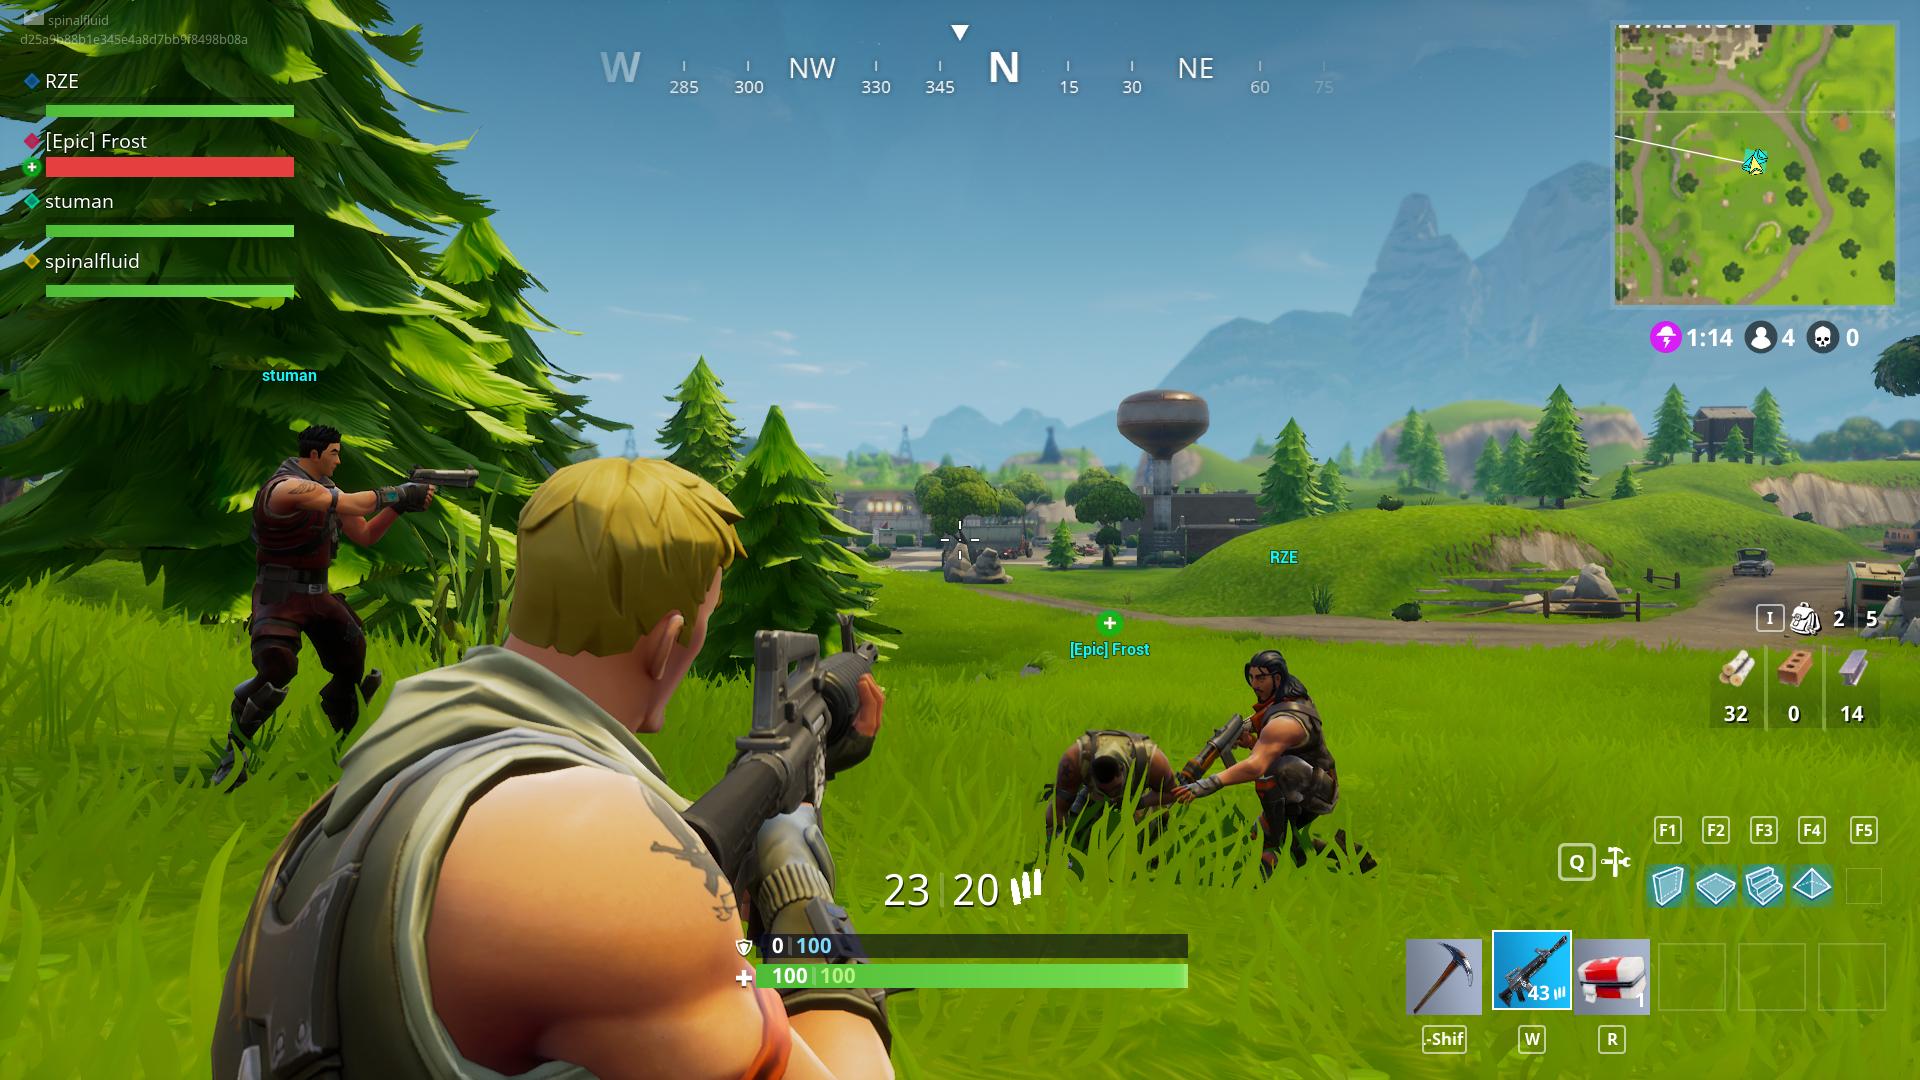 fortnite multiplayer